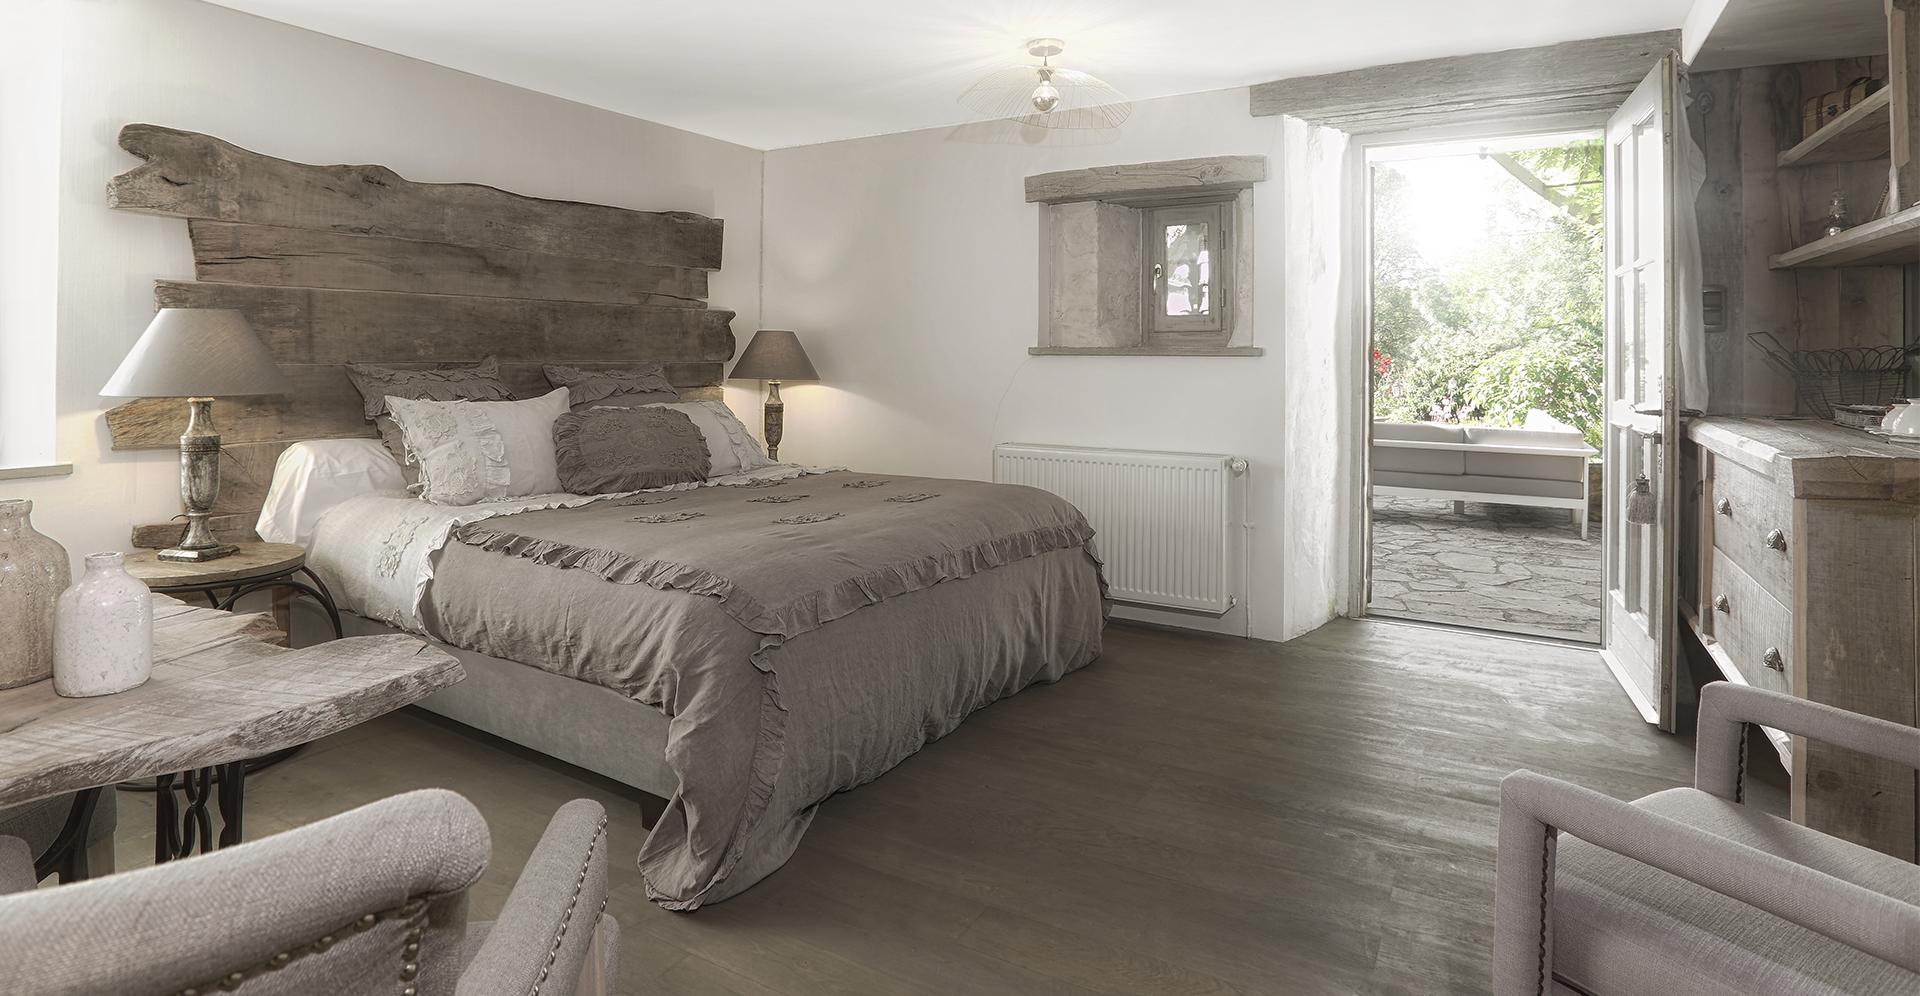 Cabane spa et chambre d 39 h tes pr s de bergerac cabane - Chambre d hote couleur bois et spa ...